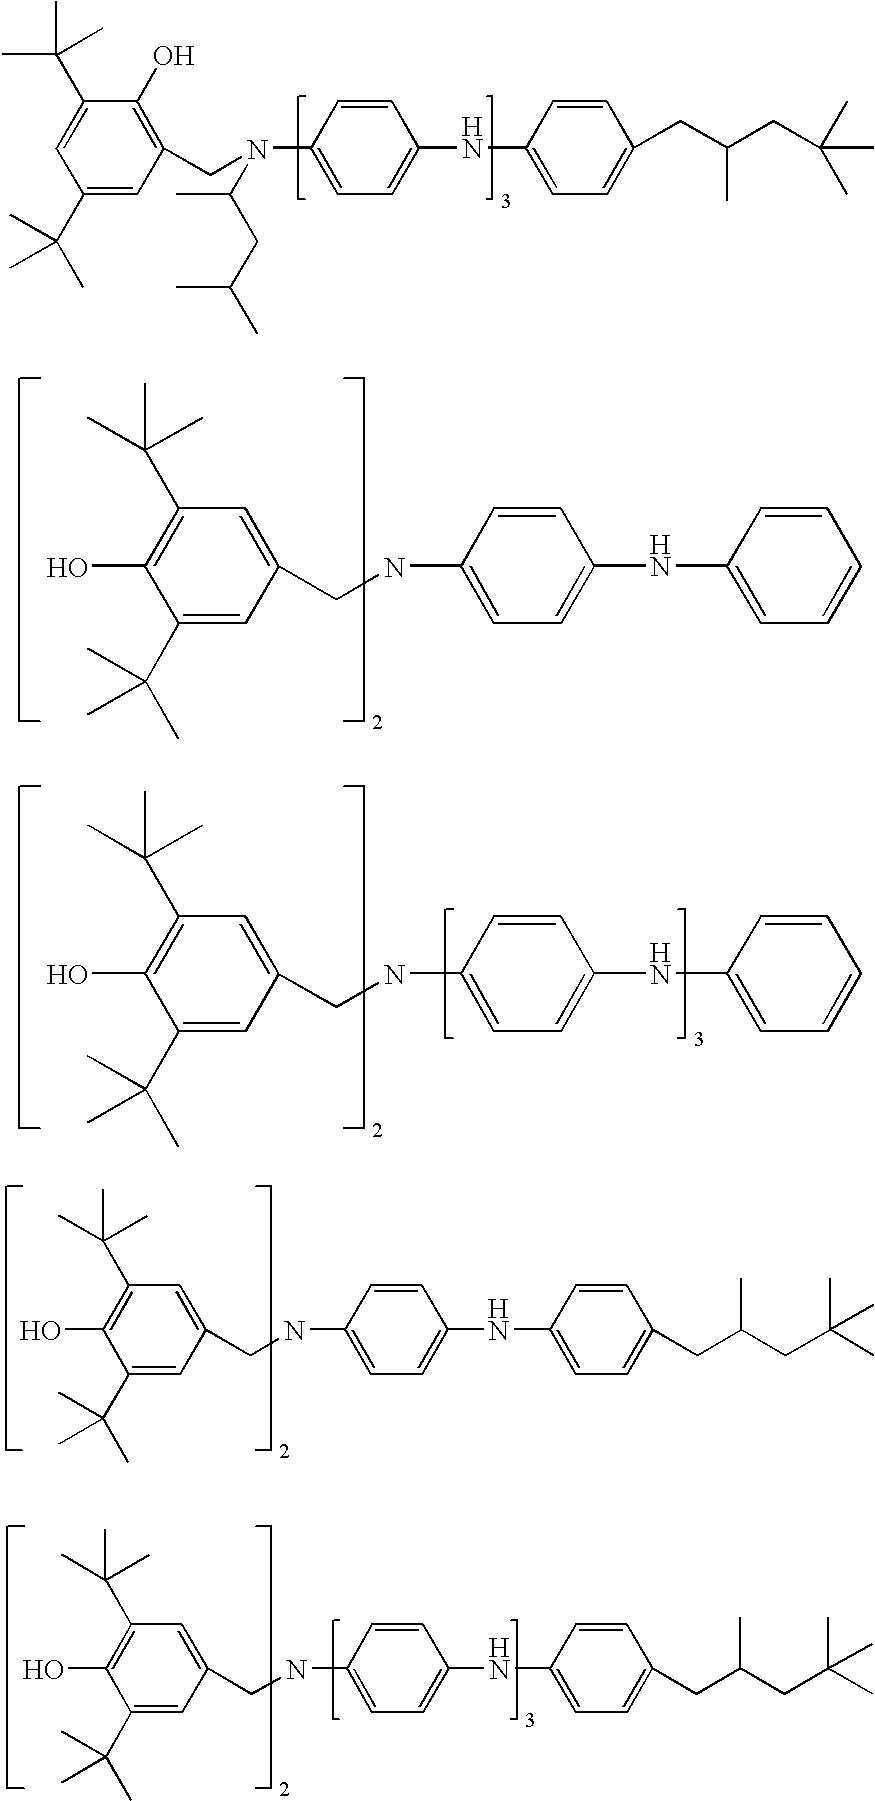 Figure US20080293856A1-20081127-C00077